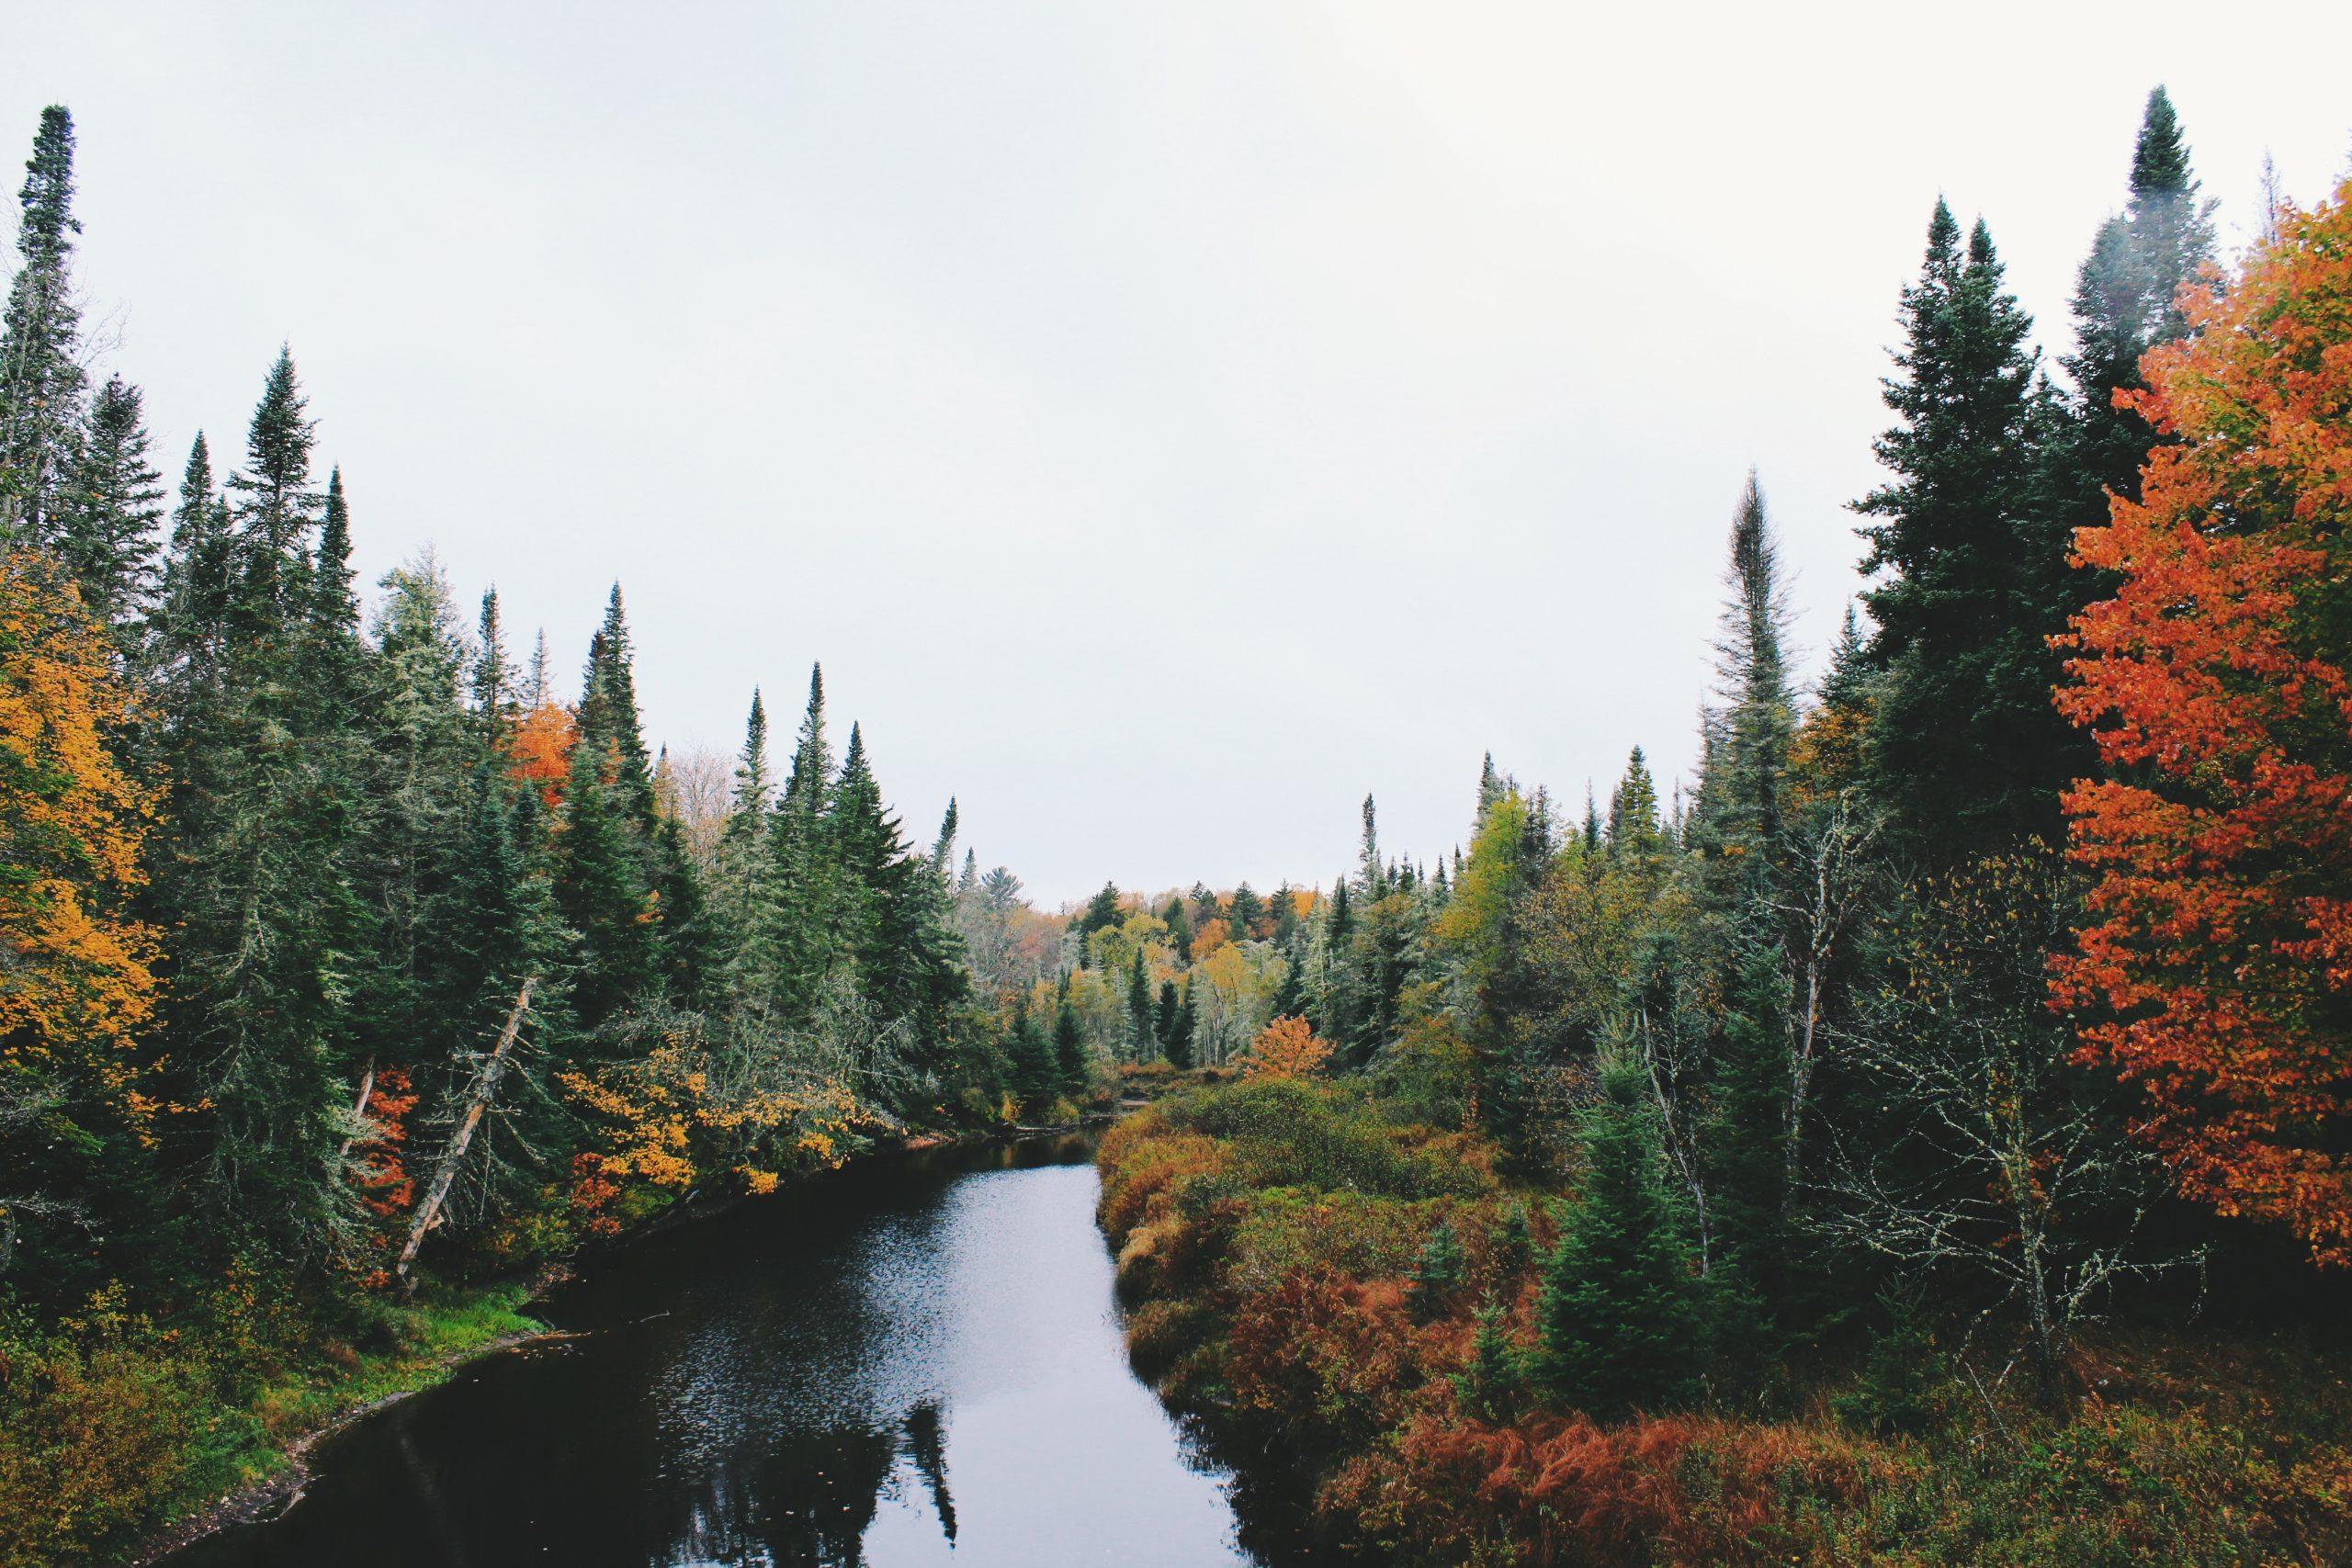 Forest River Scene Wallpaper